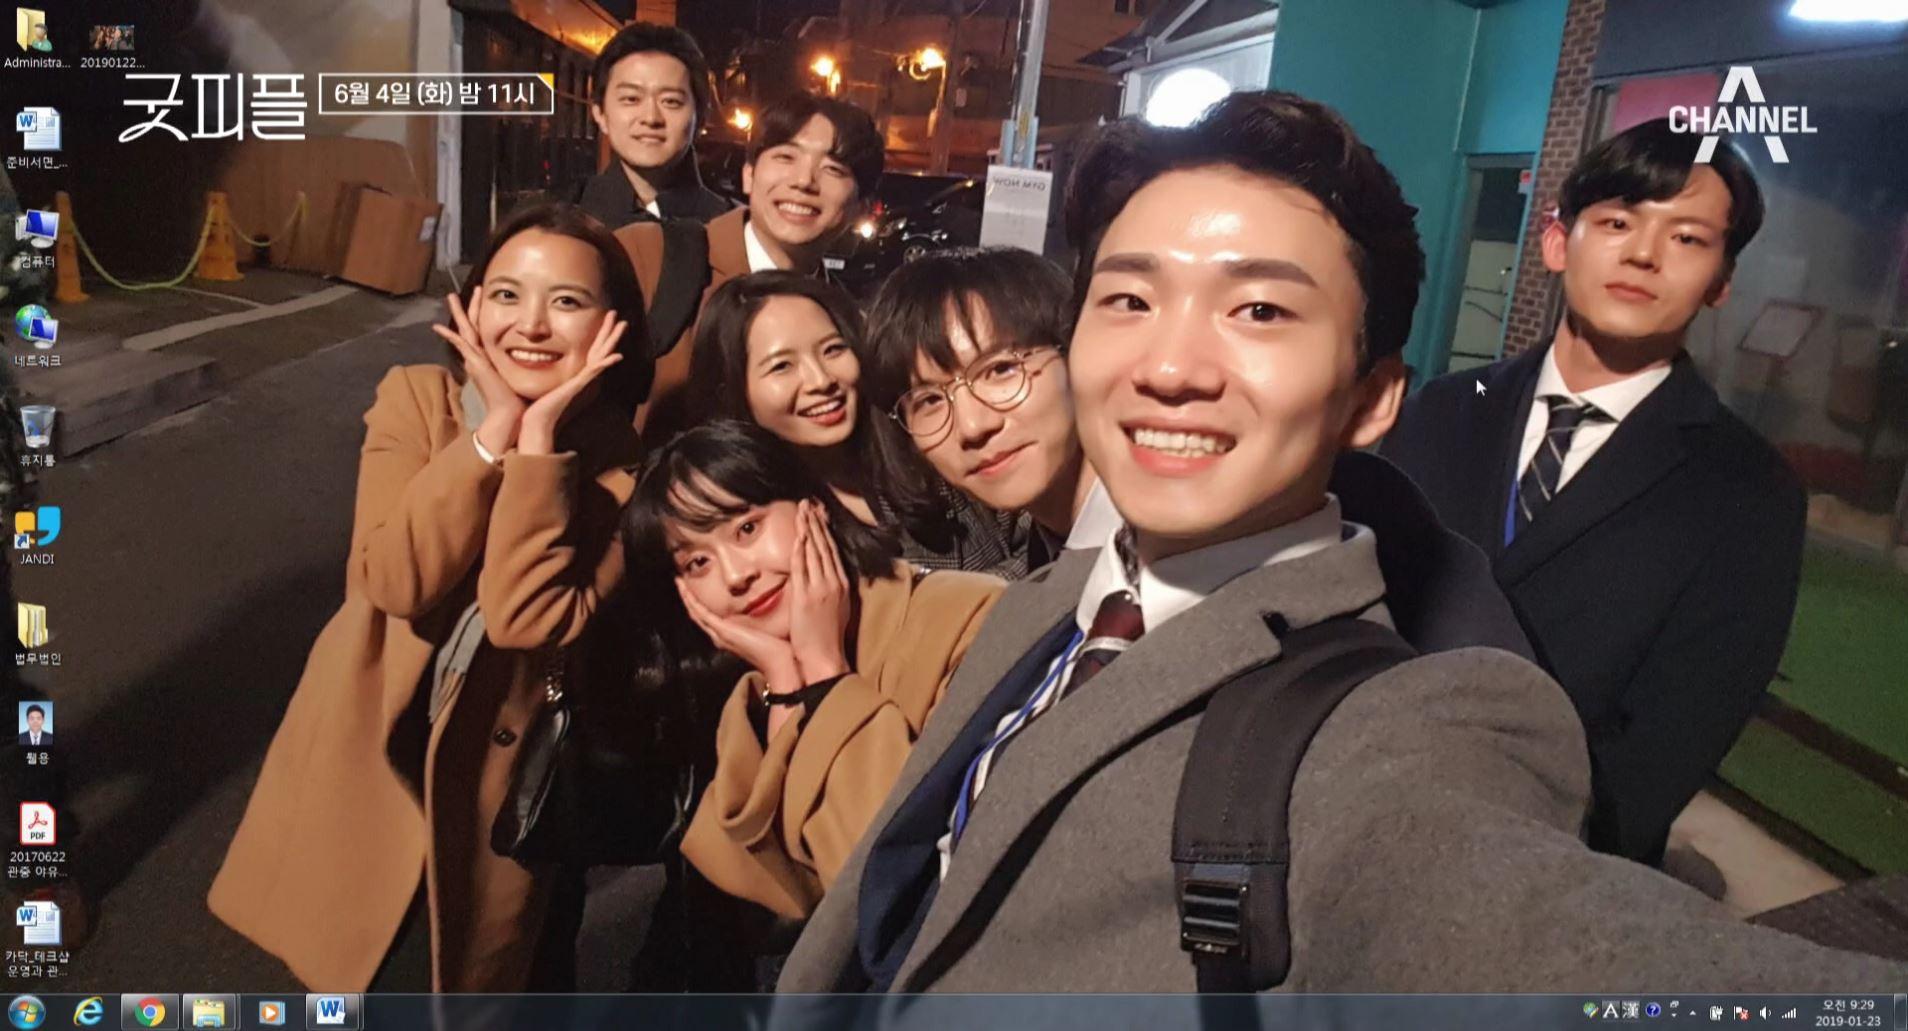 [프롤로그] #첫회식 #첫단체셀카 행복해 보이는 8명의....